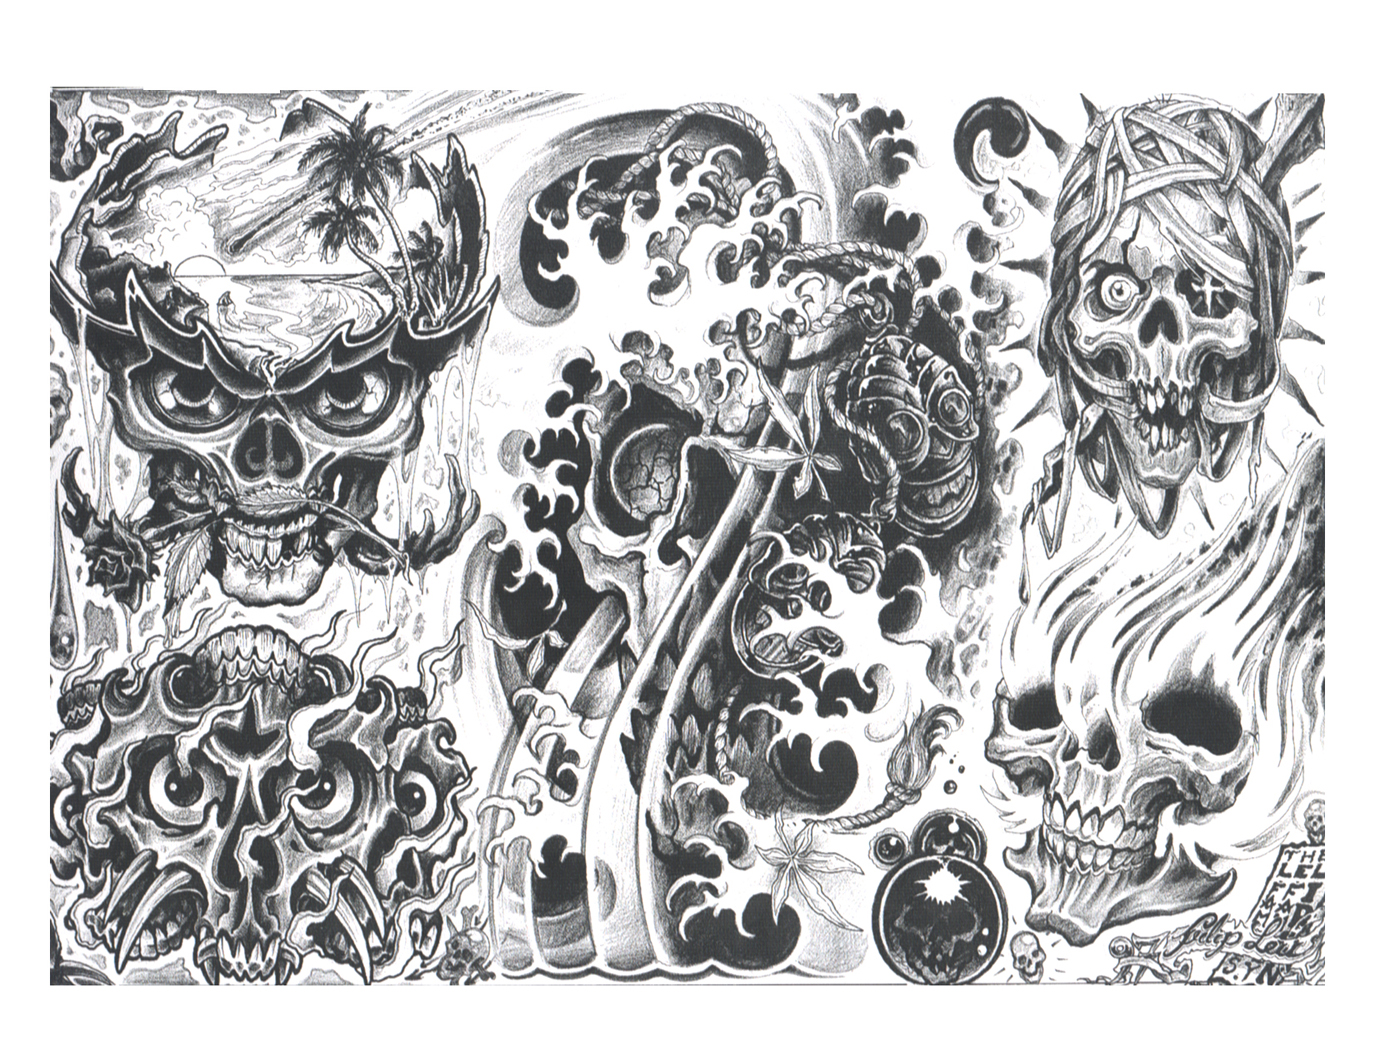 http://3.bp.blogspot.com/-n7YMmZ23iSI/T448J3s6BJI/AAAAAAAAQV8/3GkZN3VkfXE/s1600/Skull+Tattoos+Free+Tattoo+Ideas+2012+new.jpg